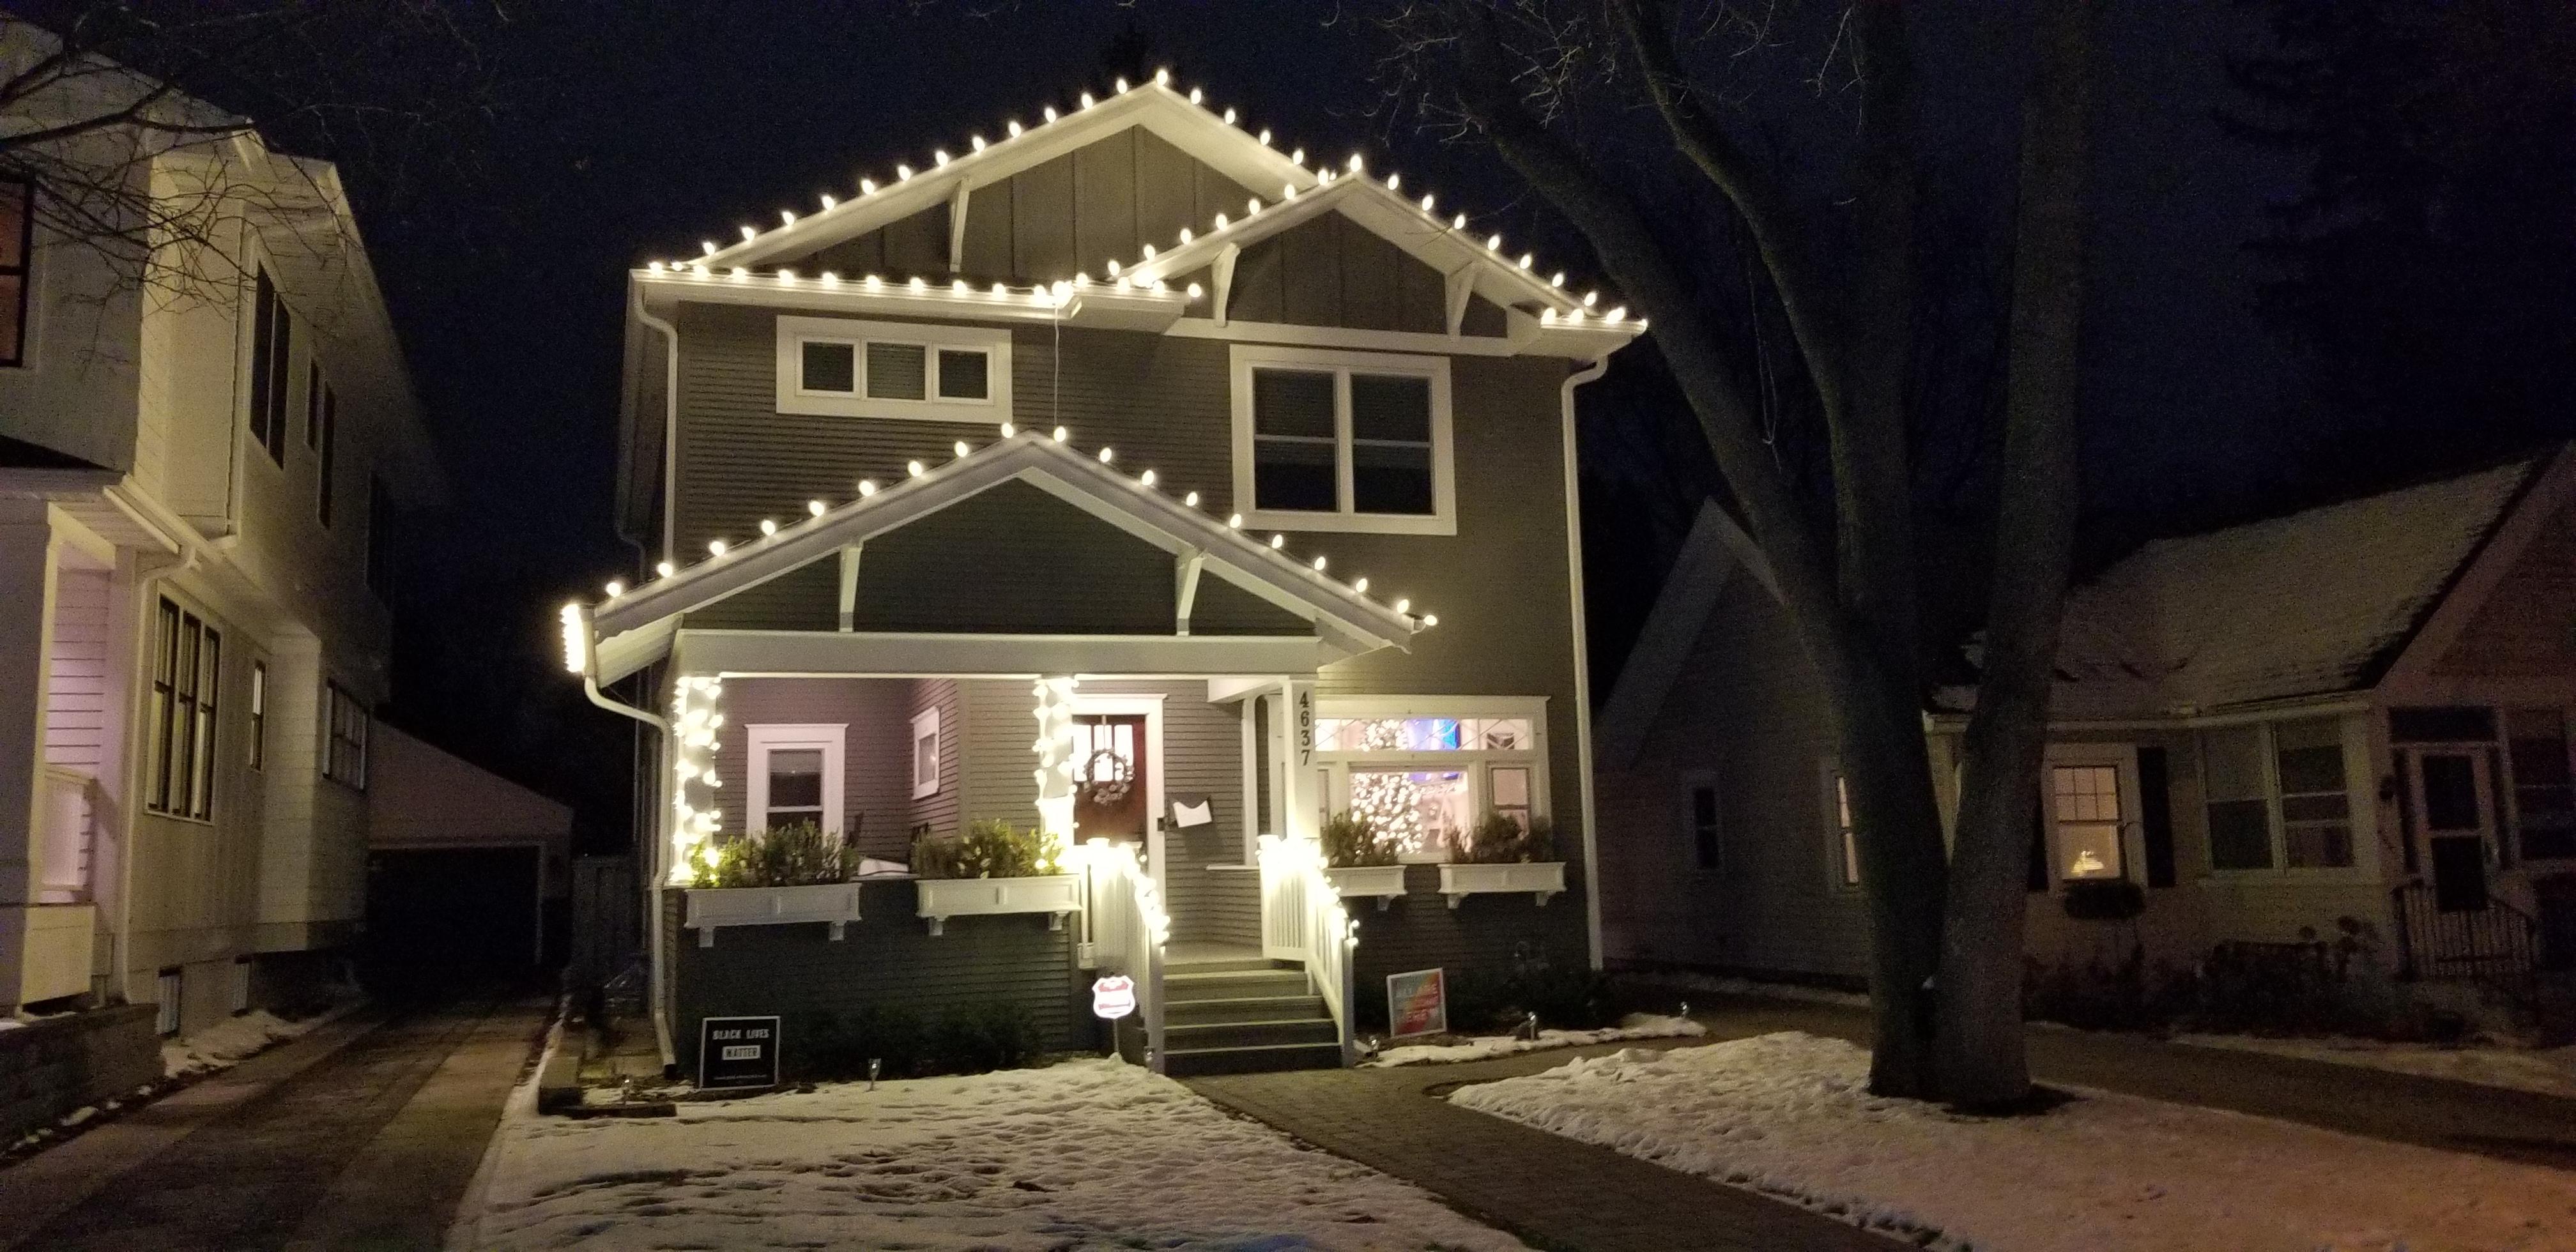 Christmas Lights Installer.Holiday Light Installation Christmas Holiday Lighting